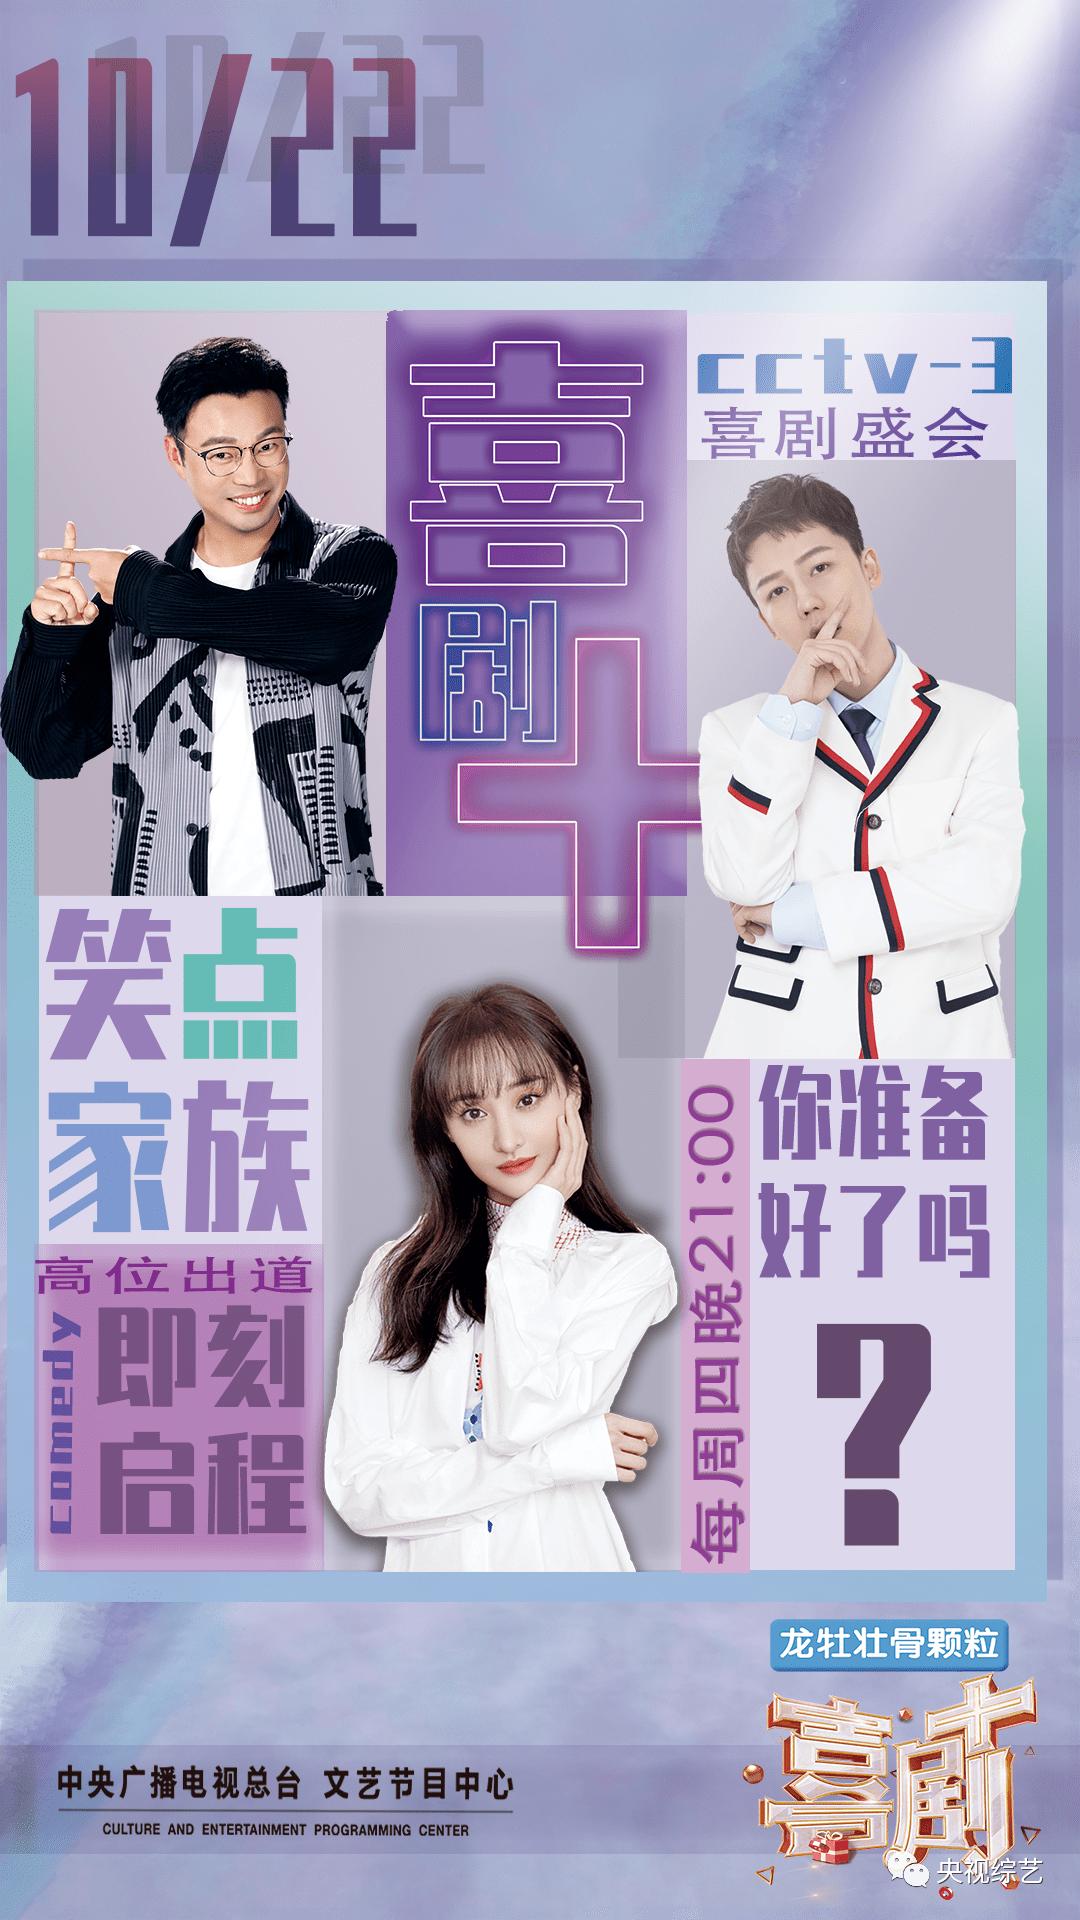 郑爽、刘维、王迅、李佳琦与你相约《喜剧+》!